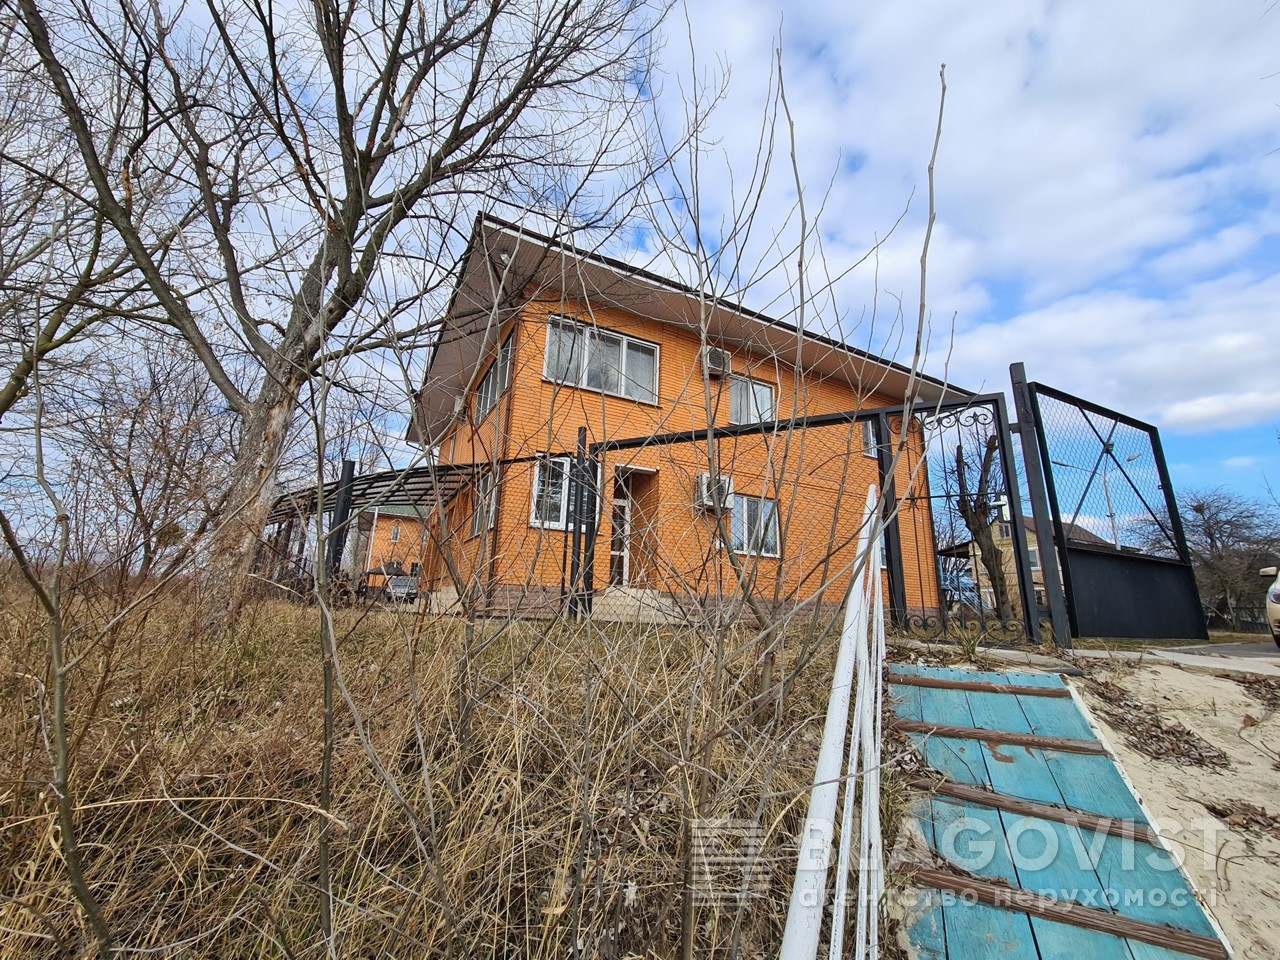 Земельный участок R-38267, Деснянская (с. Троещина), Киев - Фото 1